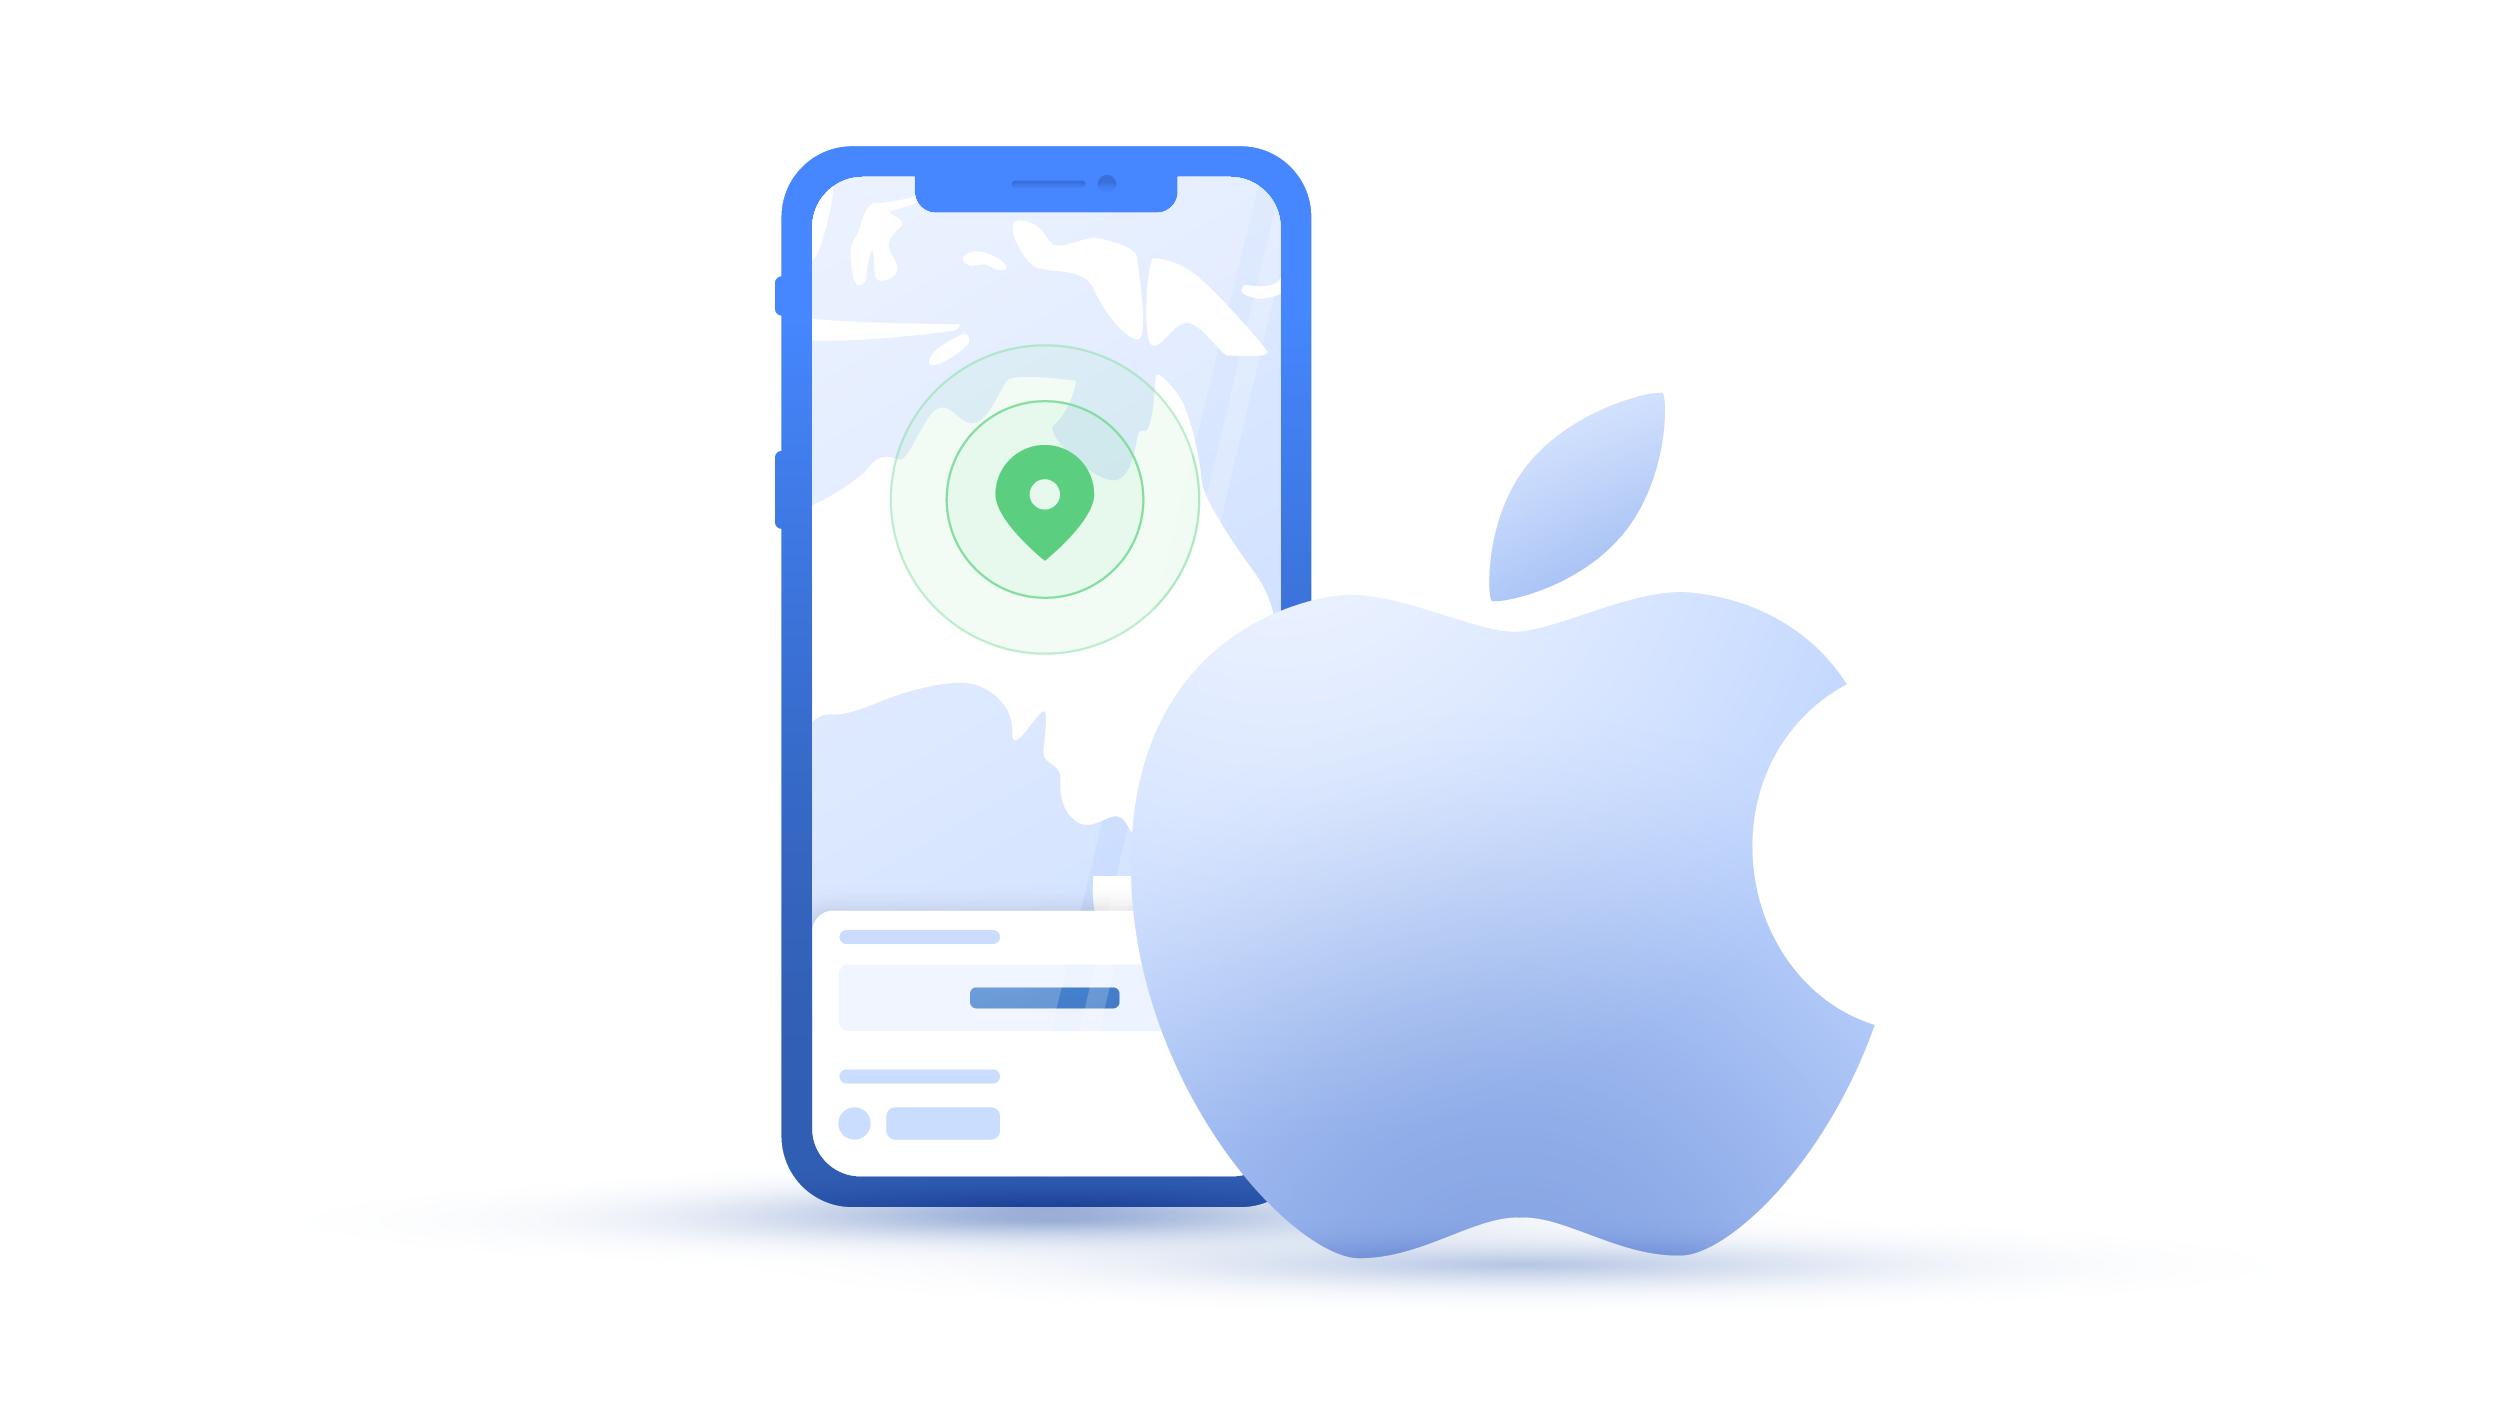 NordVPN for iOS: release notes